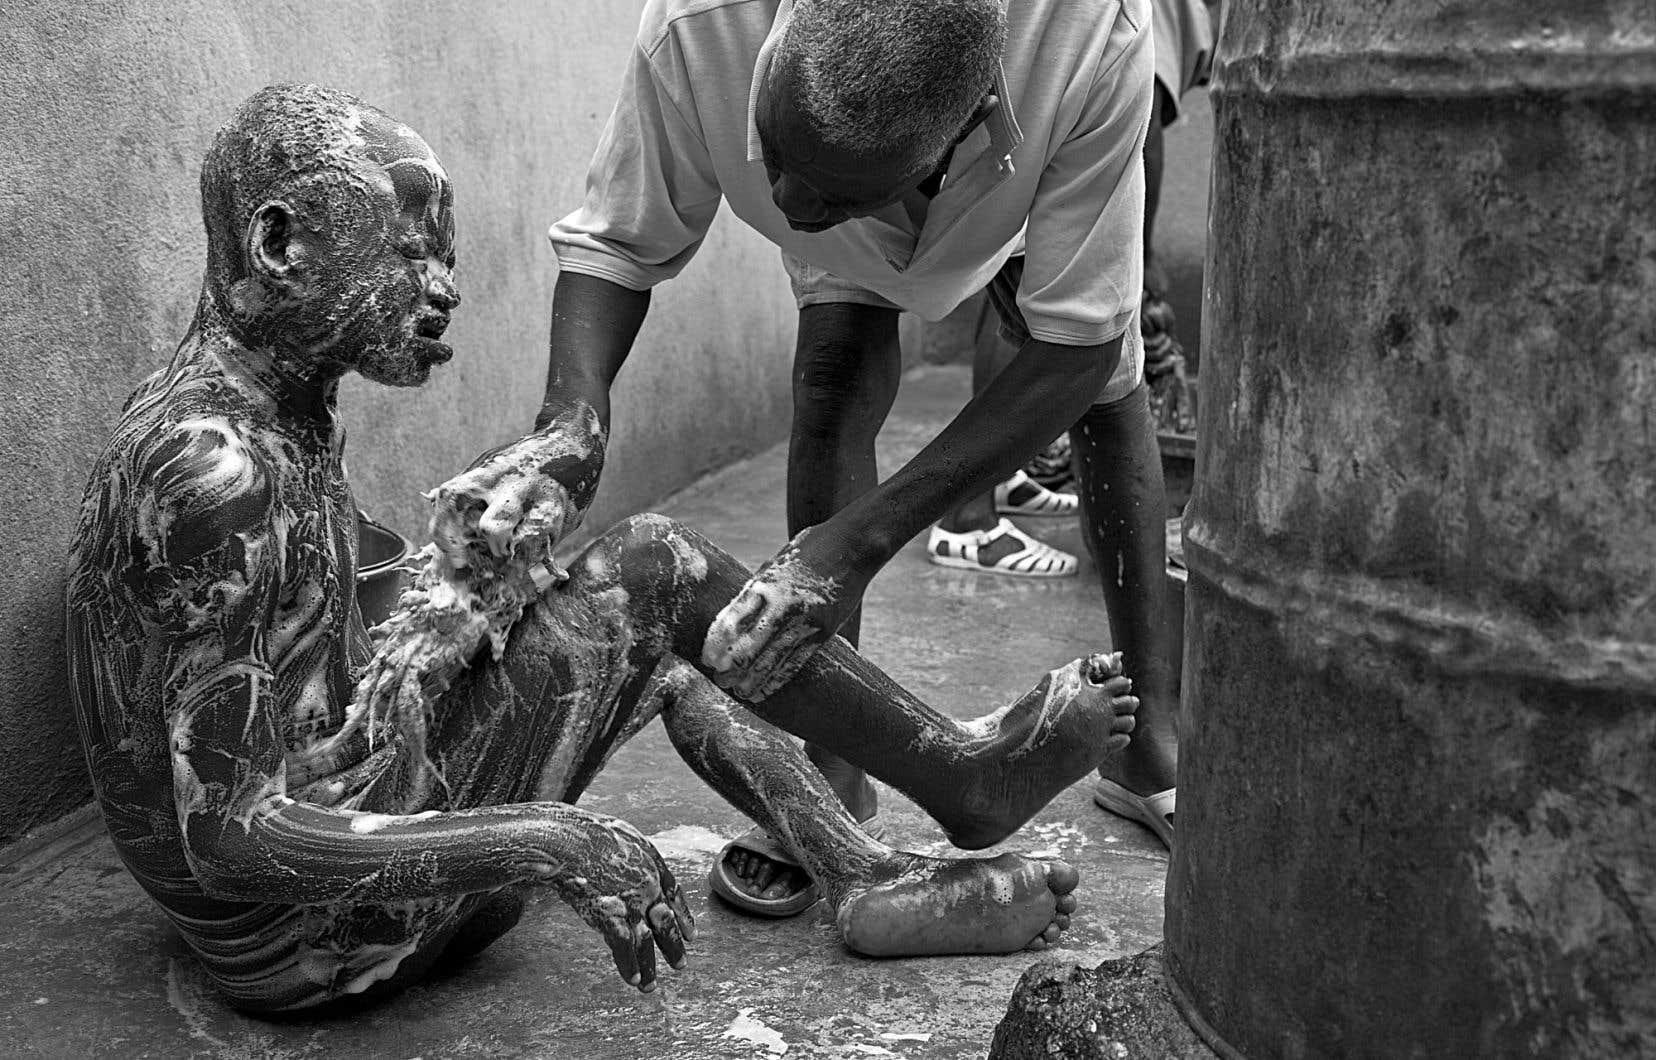 La douche et le savonnage, première étape vers la dignité. Des bénévoles de l'extérieur ou des patients dont la maladie est bien contrôlée accompagnent les plus vulnérables dans leur rituel d'hygiène.